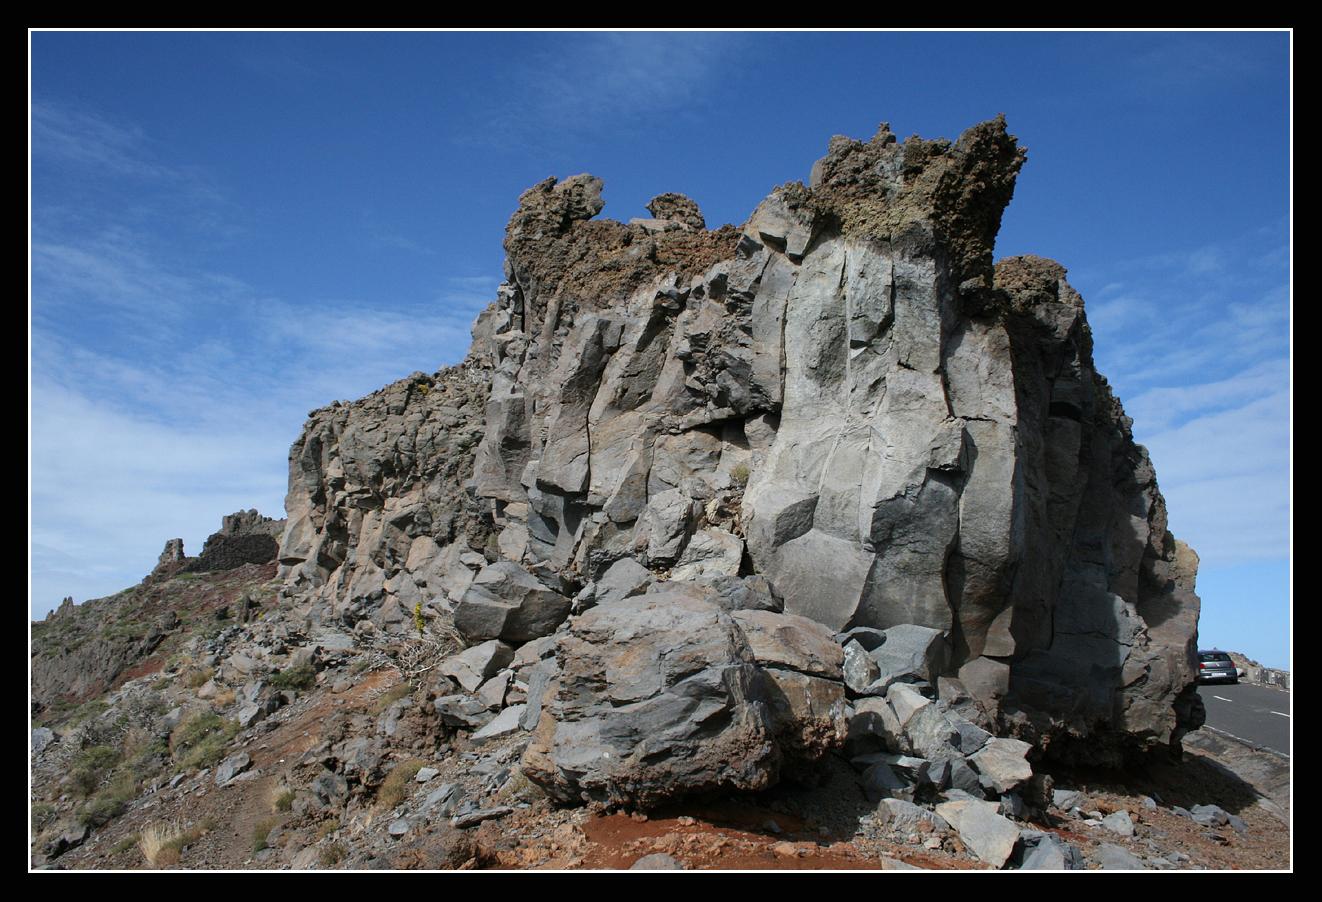 Caldera de Taburiente - La Palma 6